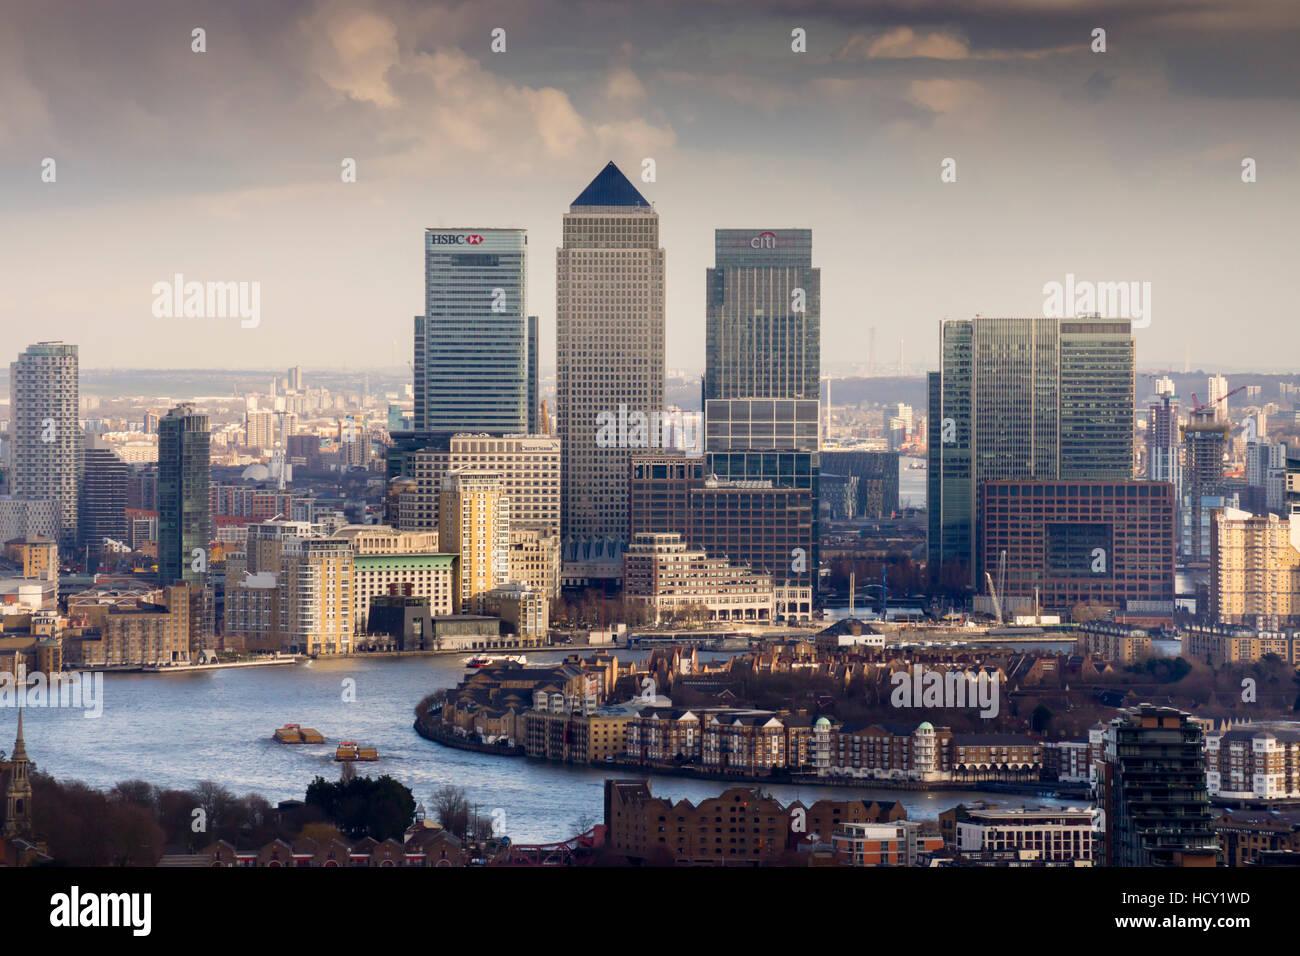 Stimmungsvolle Ansicht von Canary Wharf, Docklands, von oben, London, UK Stockbild